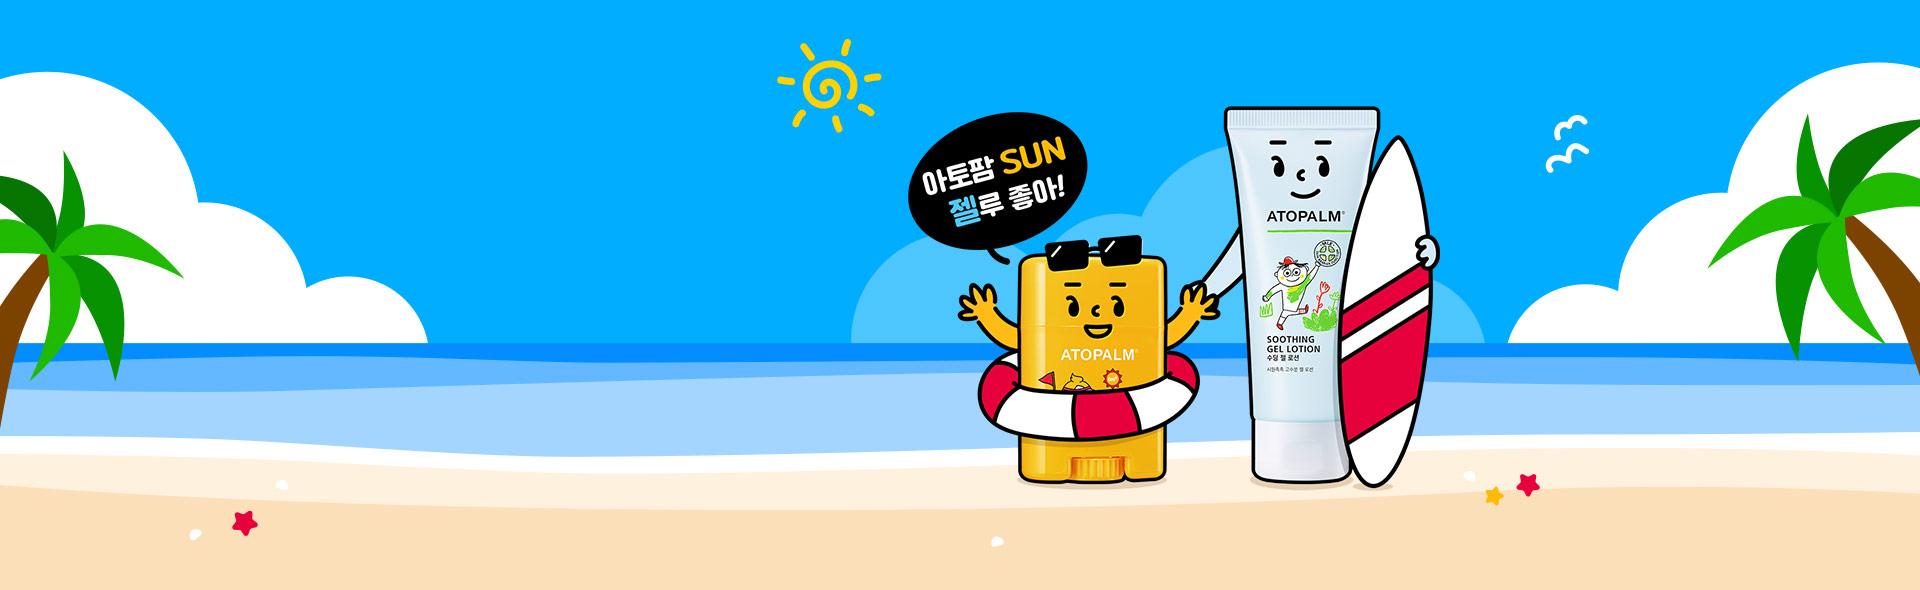 아토팜 선&진정 ~45%+미니어처 이미지 1